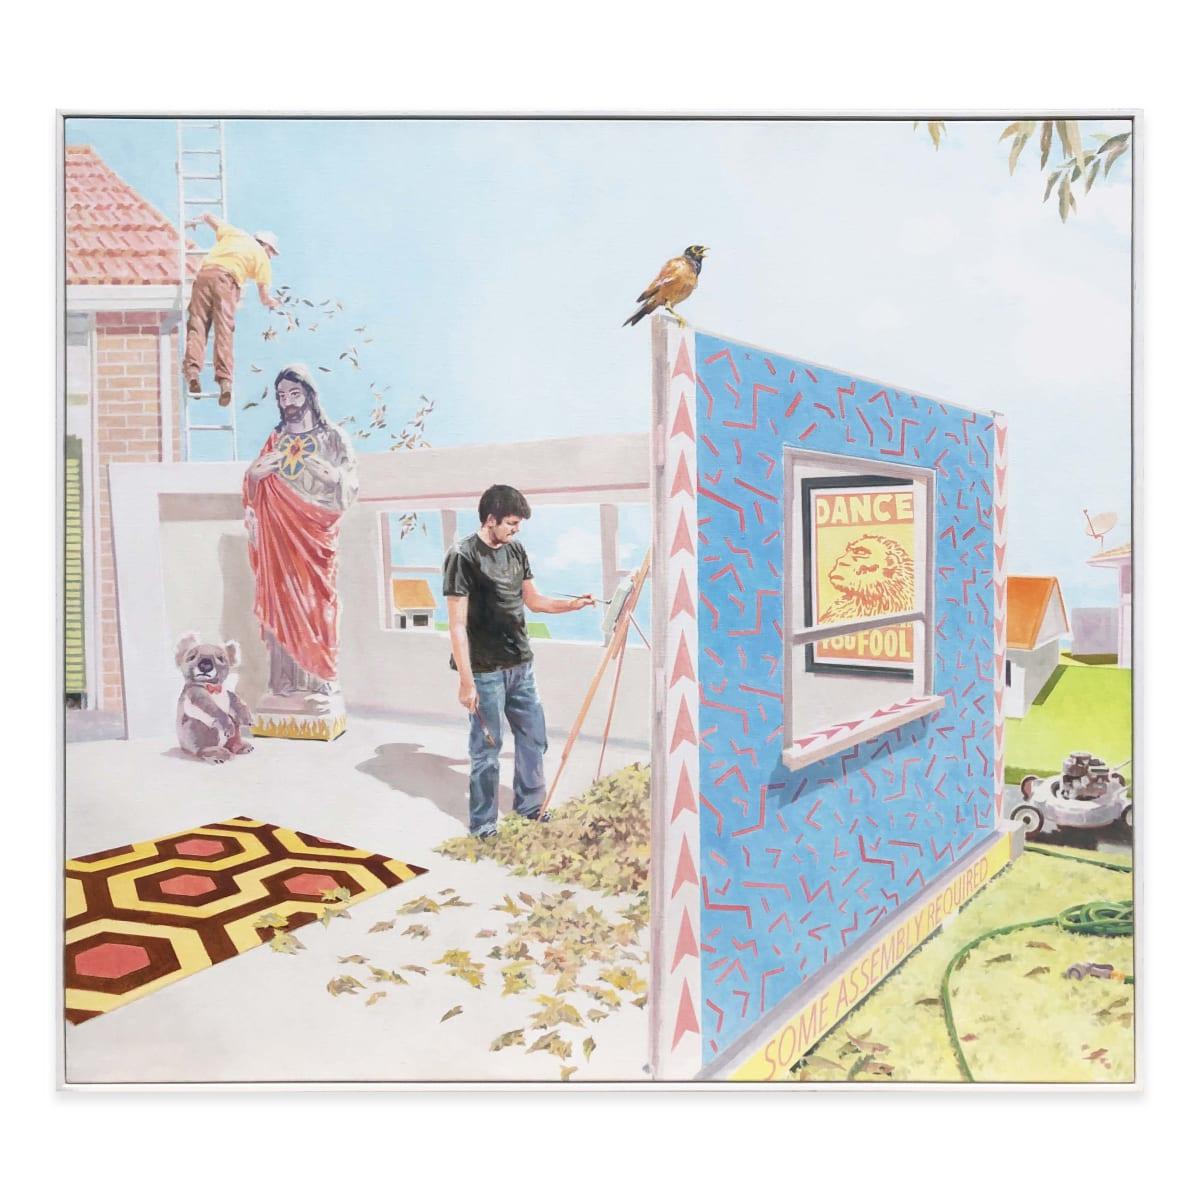 KAAF Art Prize & Blacktown City Art Prize